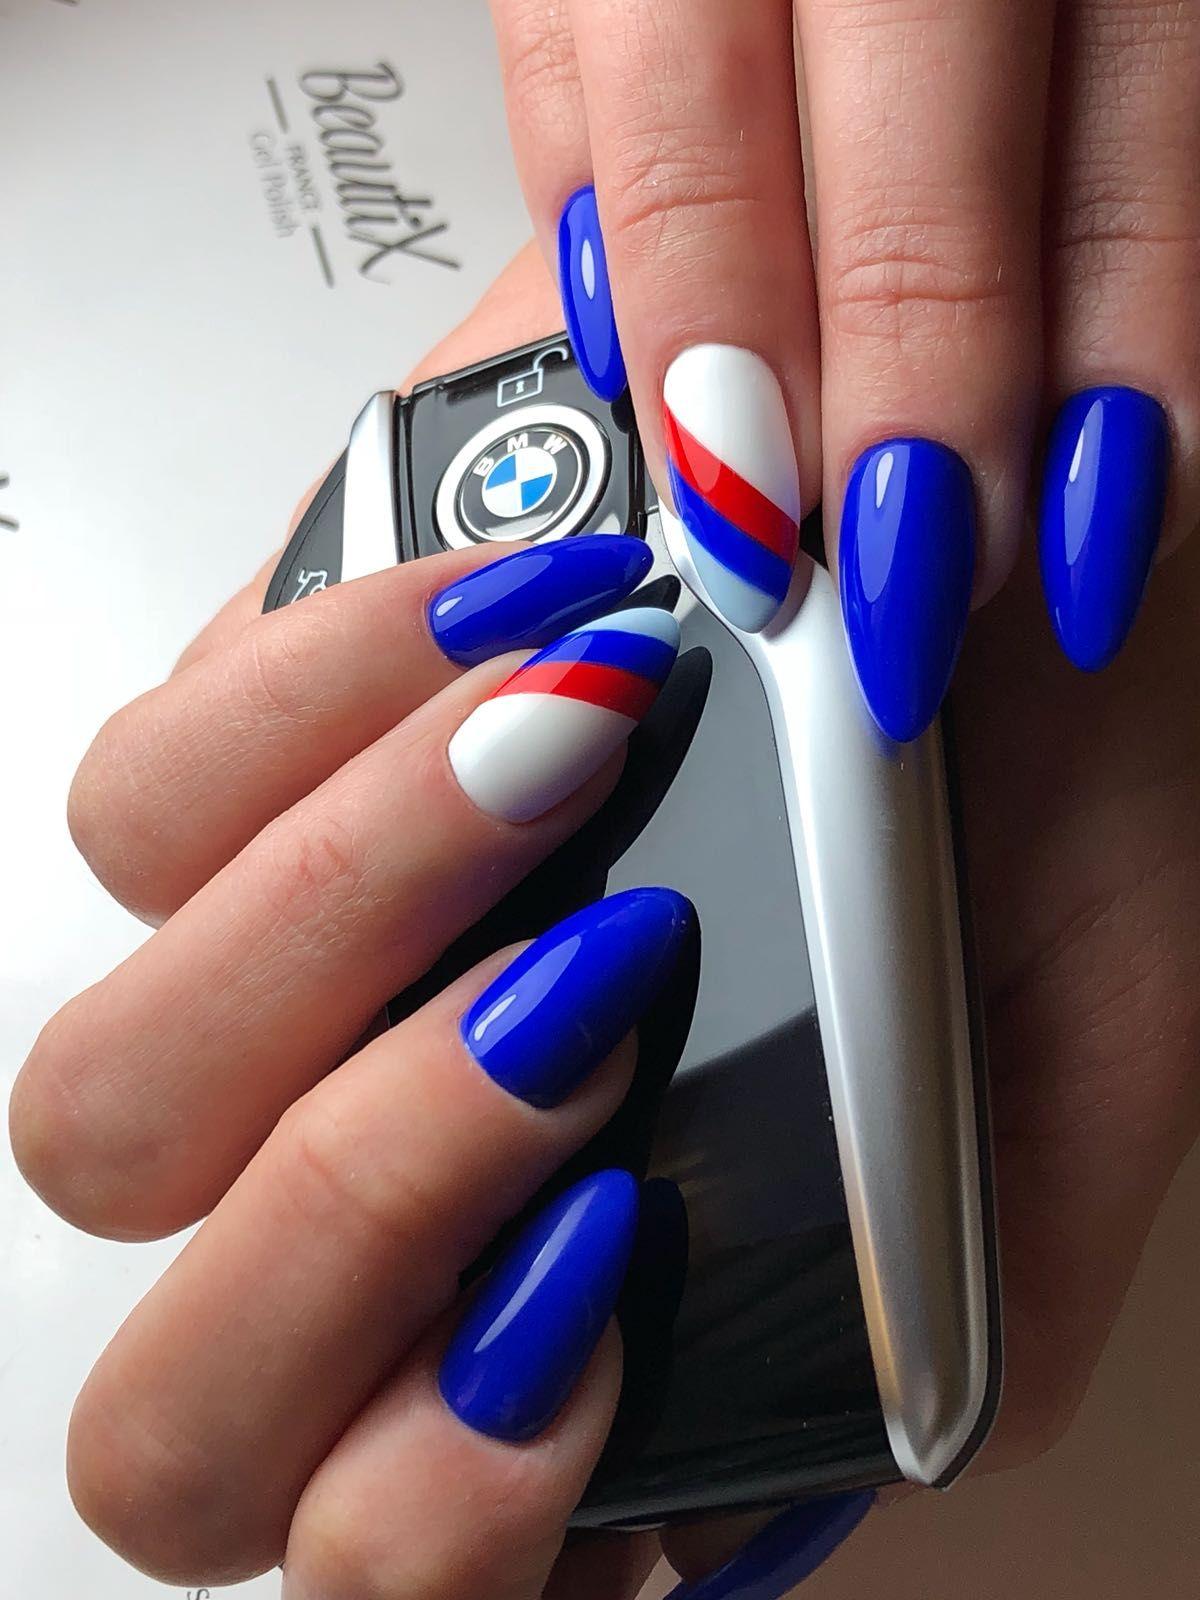 Pin By Anete Martinsone On Bmw Nail Design Nails Nail Designs Nail Art